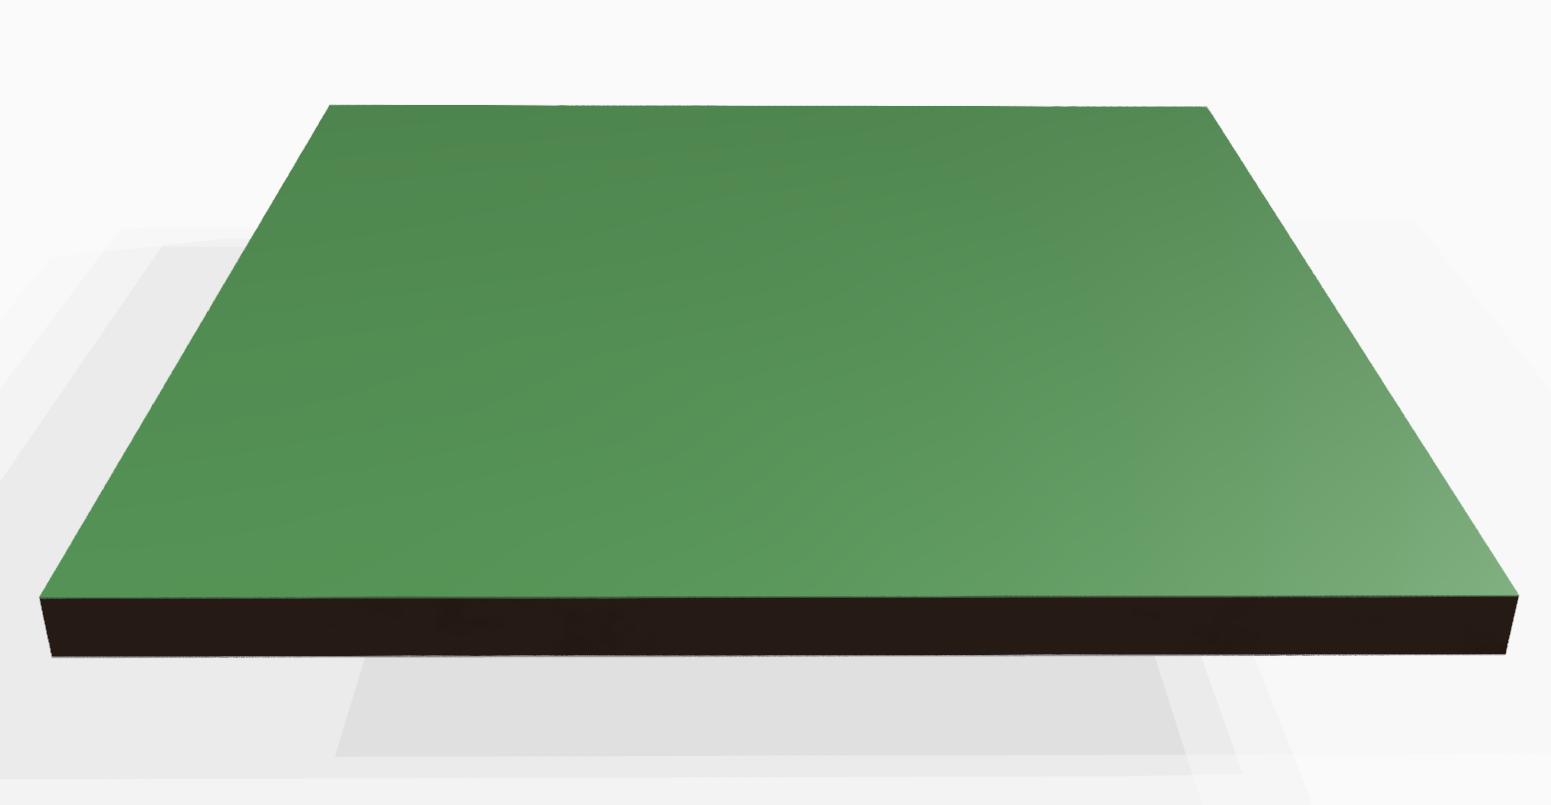 Vollkunststoff 10 mm ähnlich RAL 6000, grün